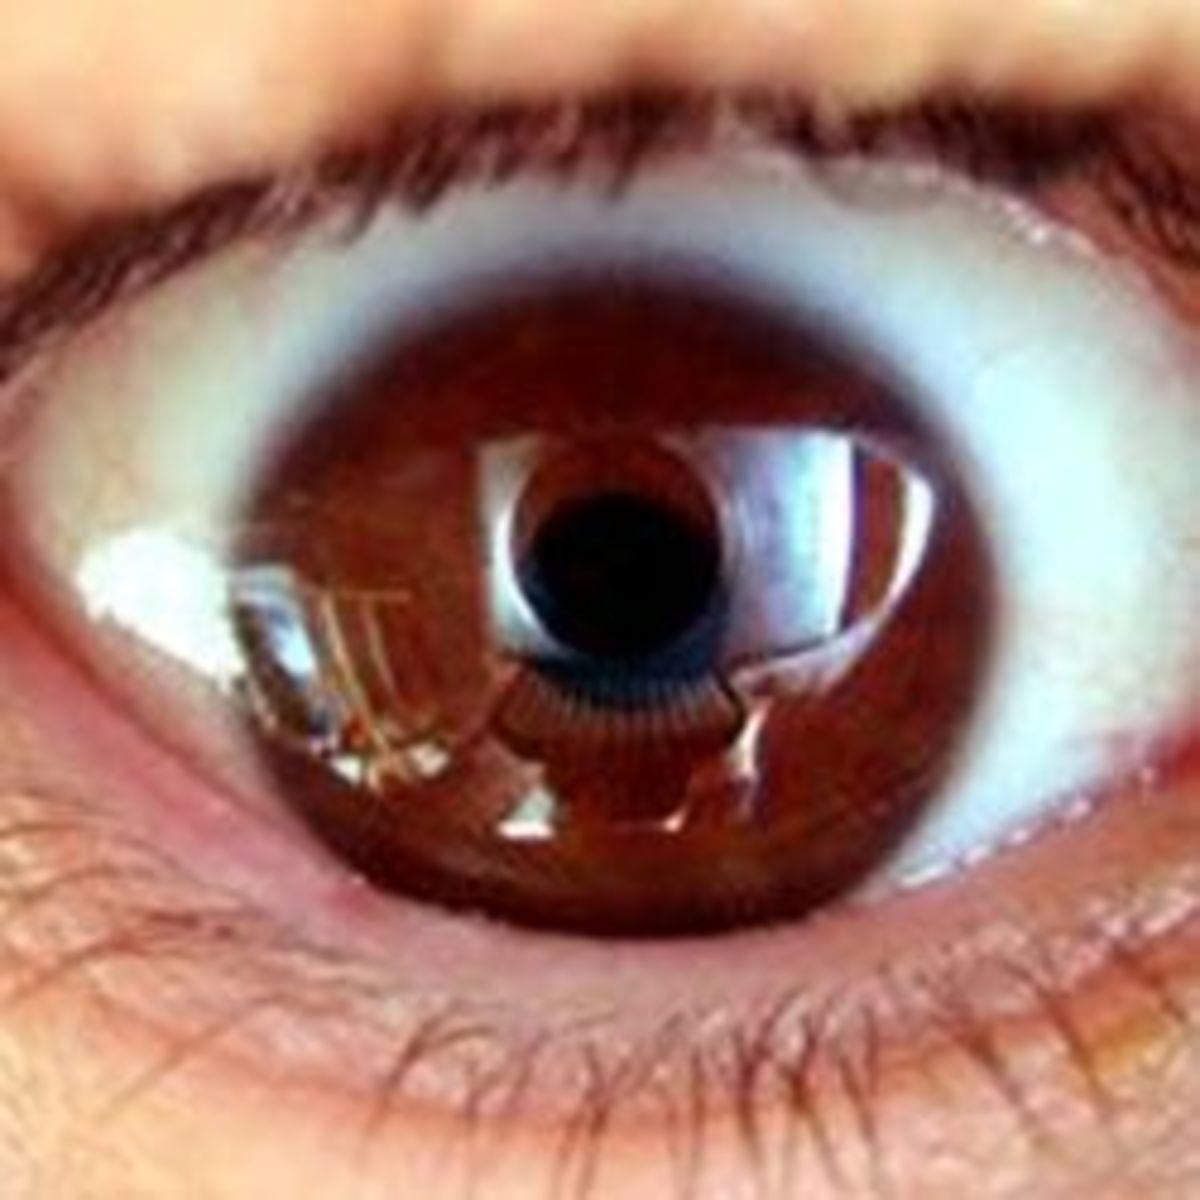 An upside-down eye